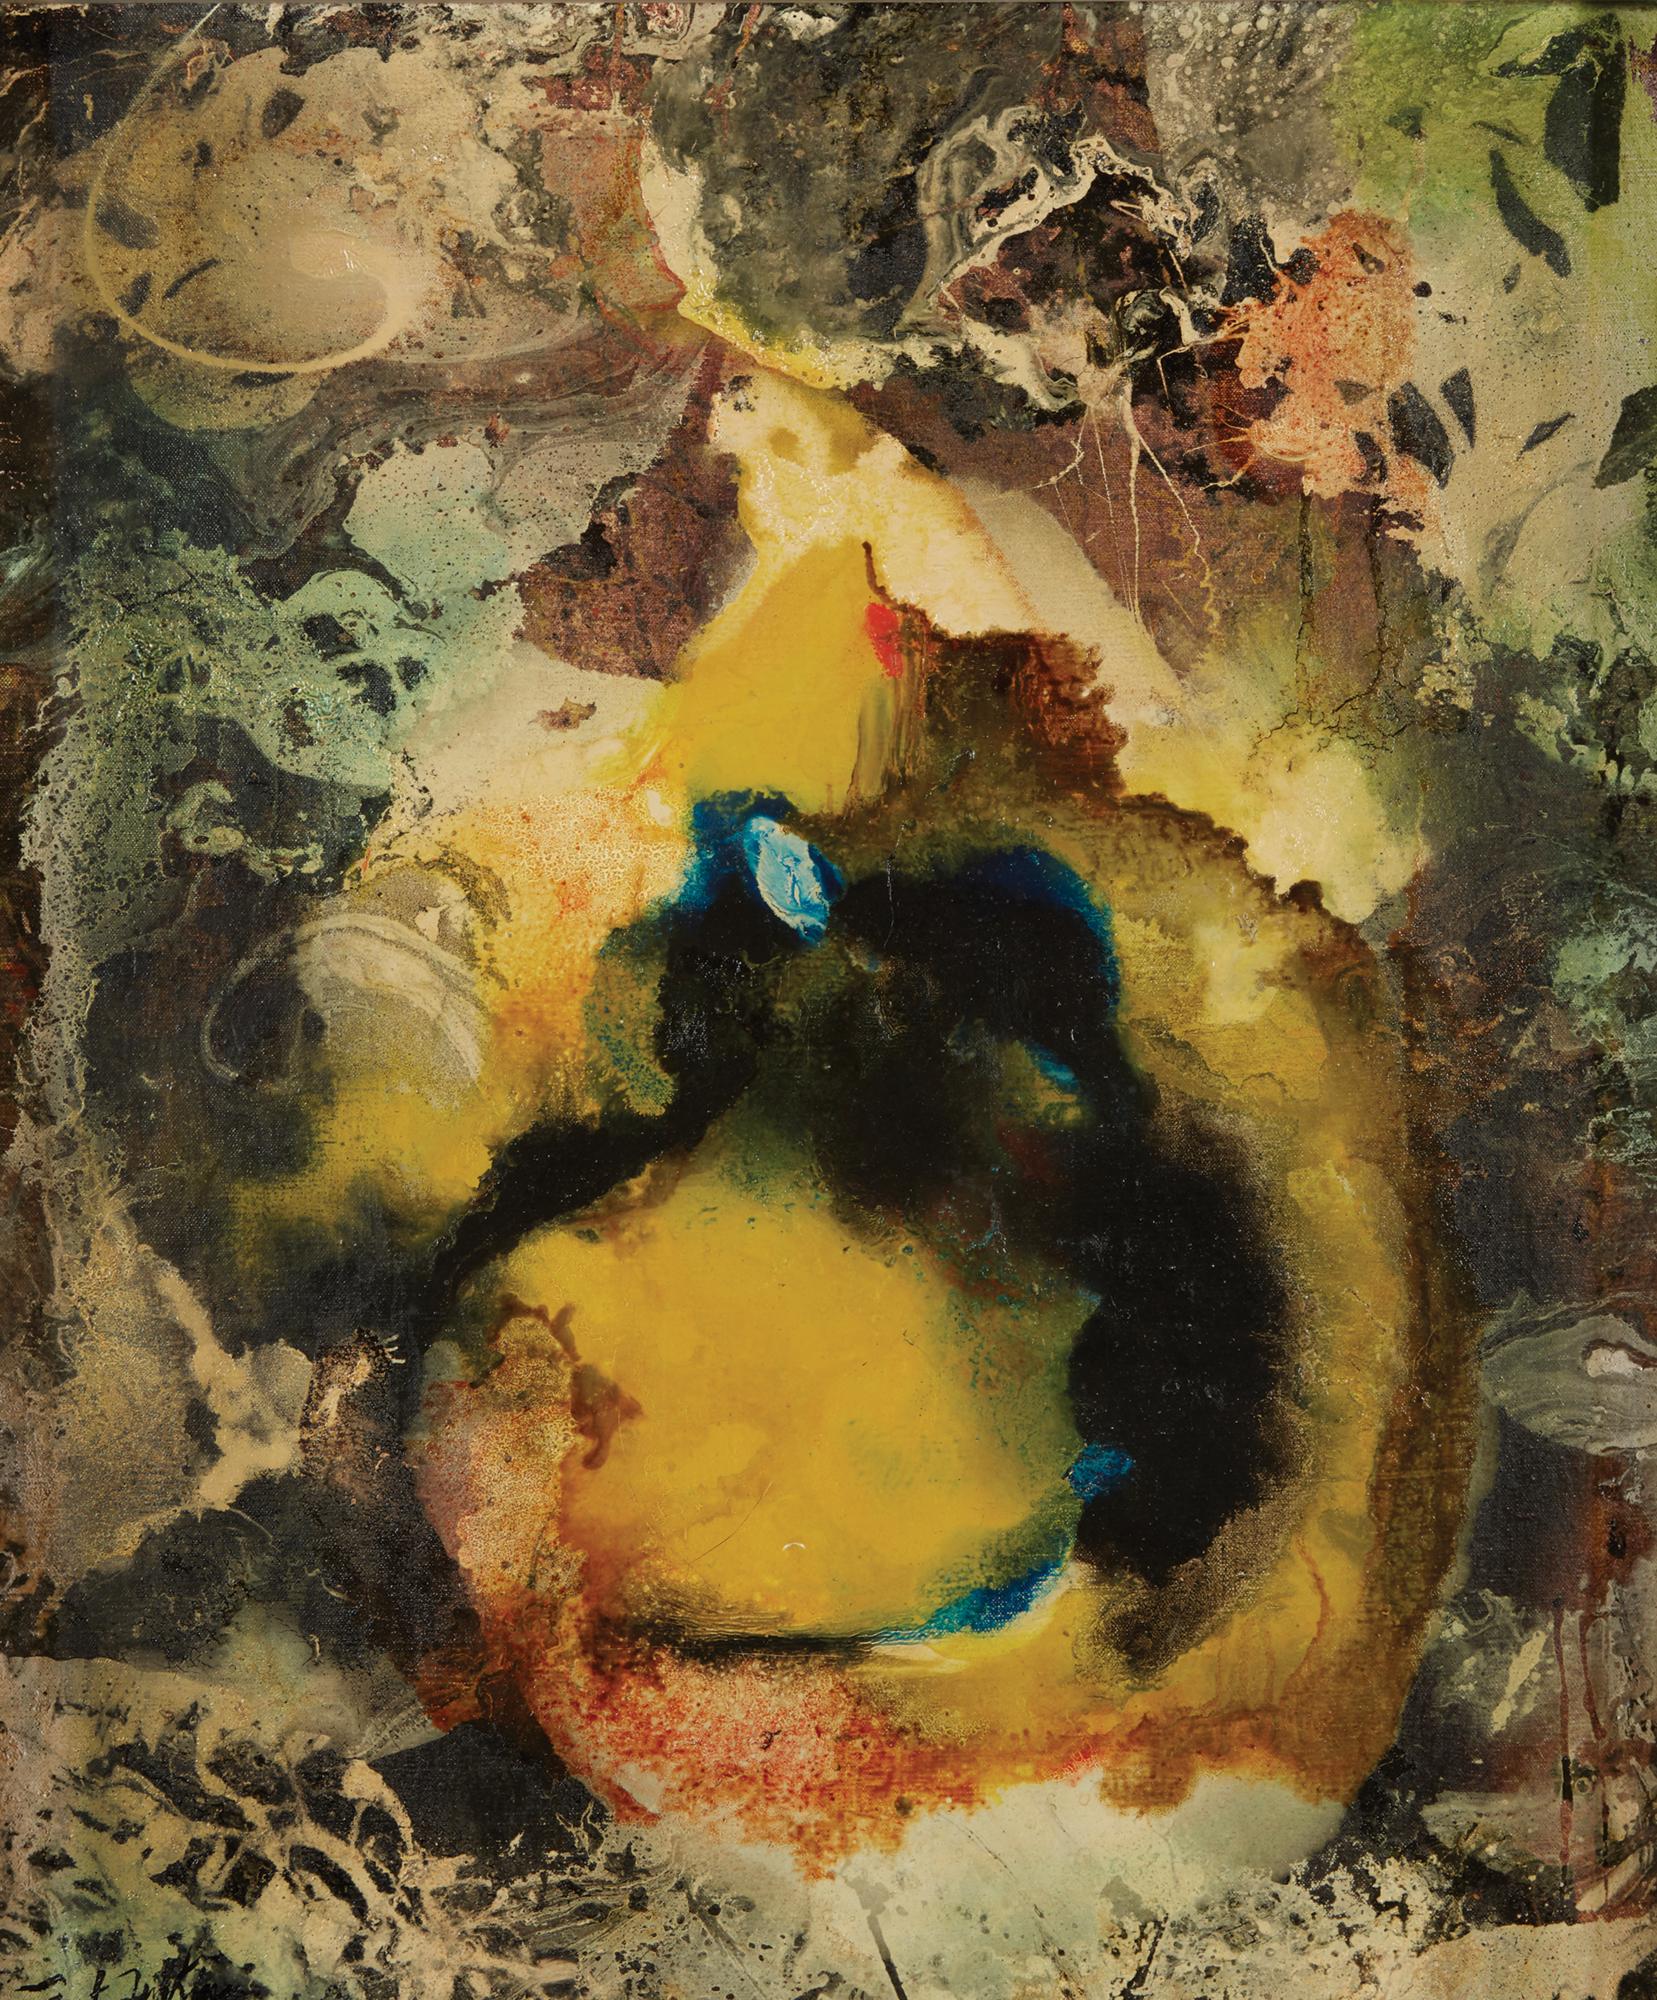 Paul Jenkins (1923-2012)   Chameleon, 1956 oil on canvas, $8,000-12,000